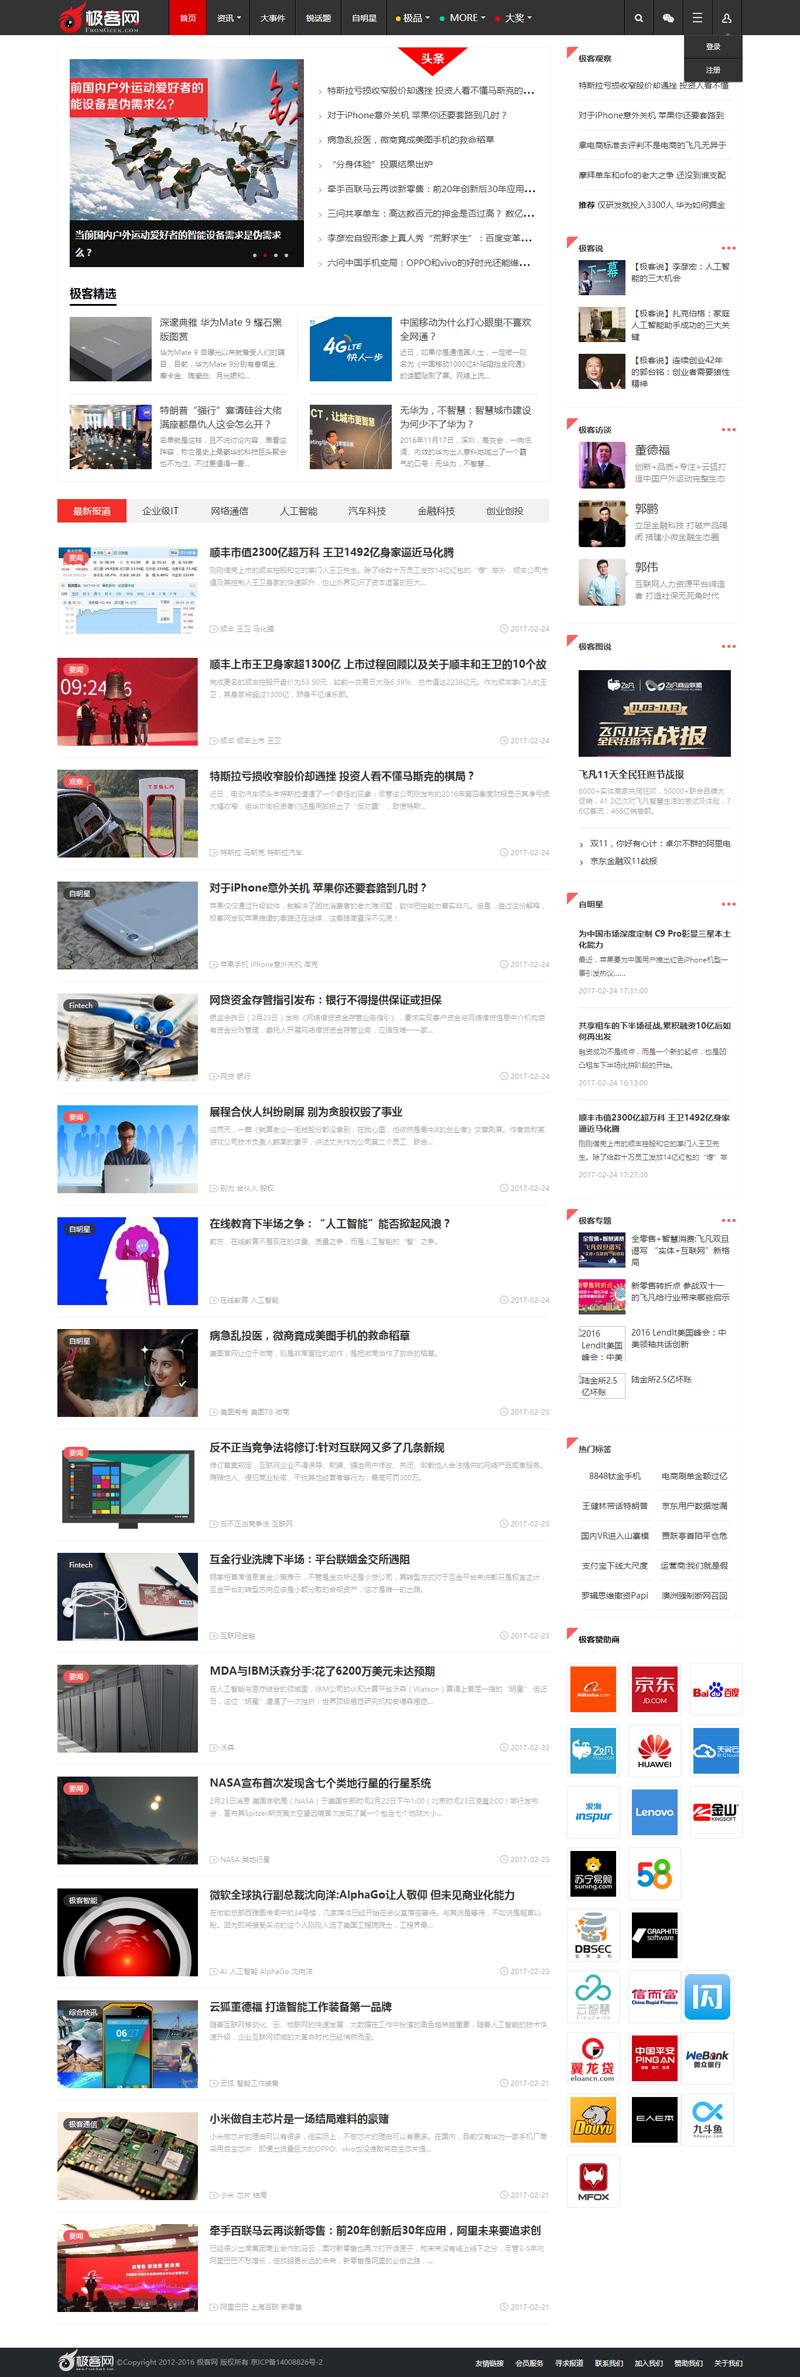 92kaifa 精仿《极客网》科技的新媒体平台 帝国CMS+ 火车头采集-好源码